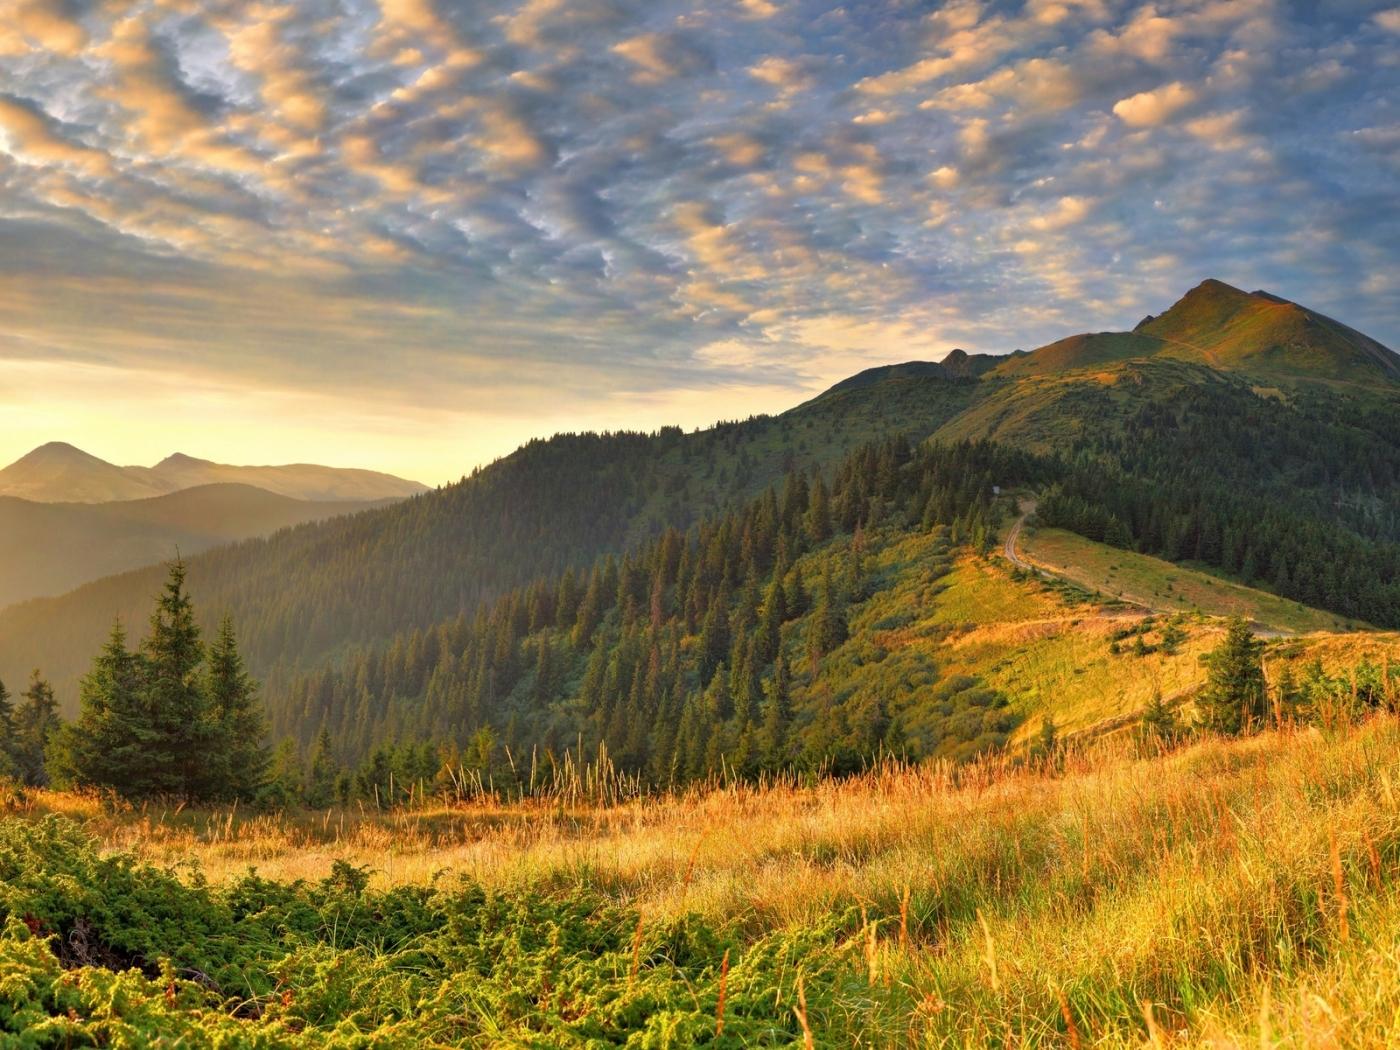 28806 скачать обои Пейзаж, Деревья, Горы - заставки и картинки бесплатно